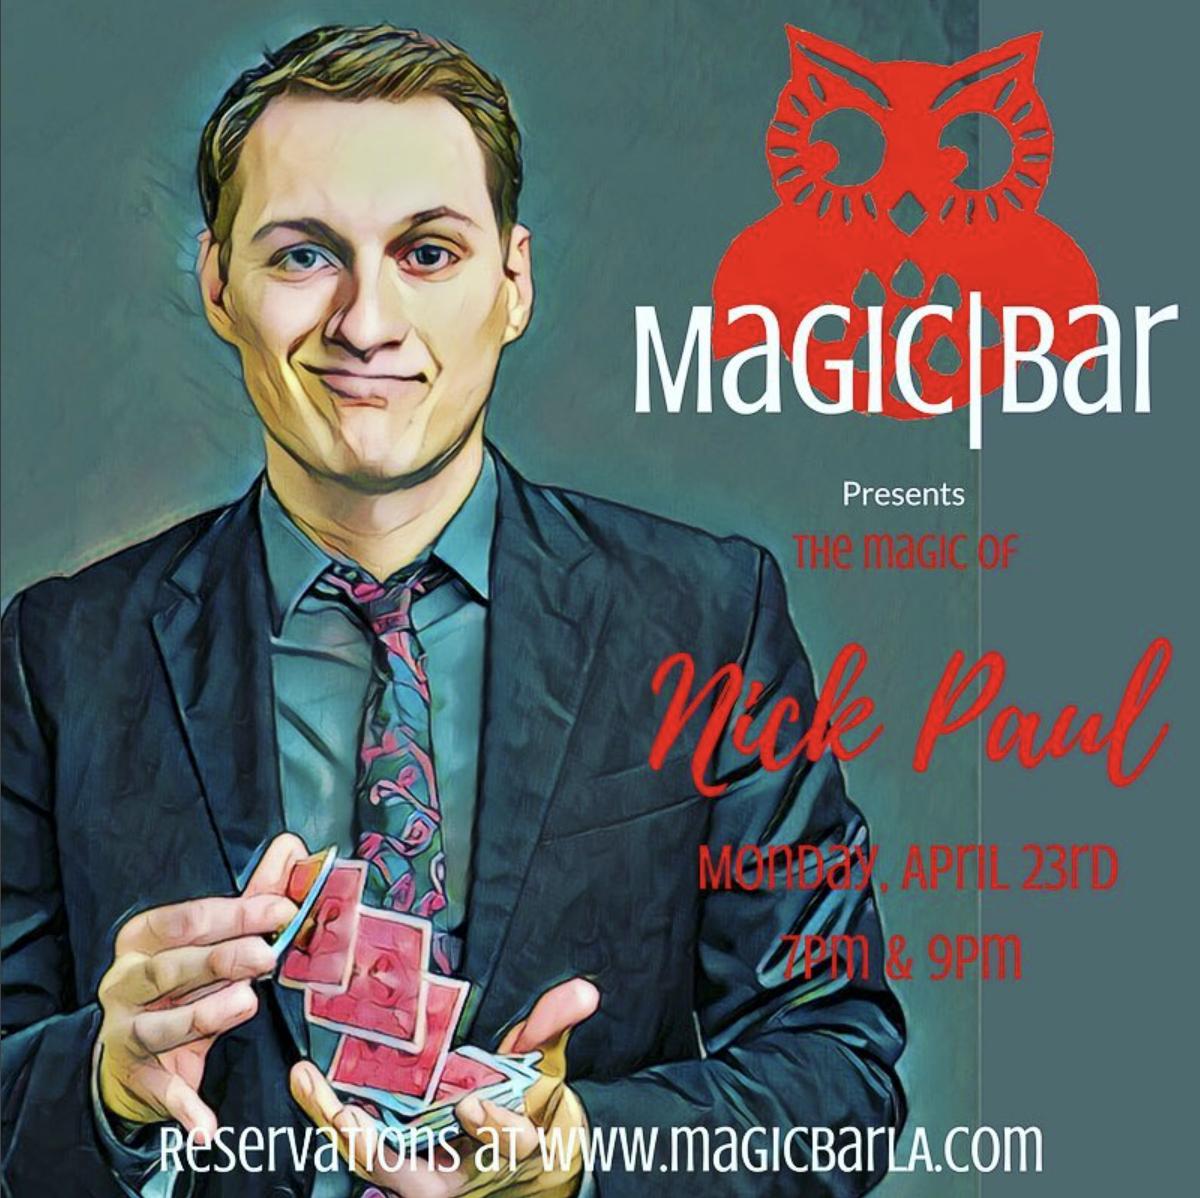 Magic Bar LA April 23